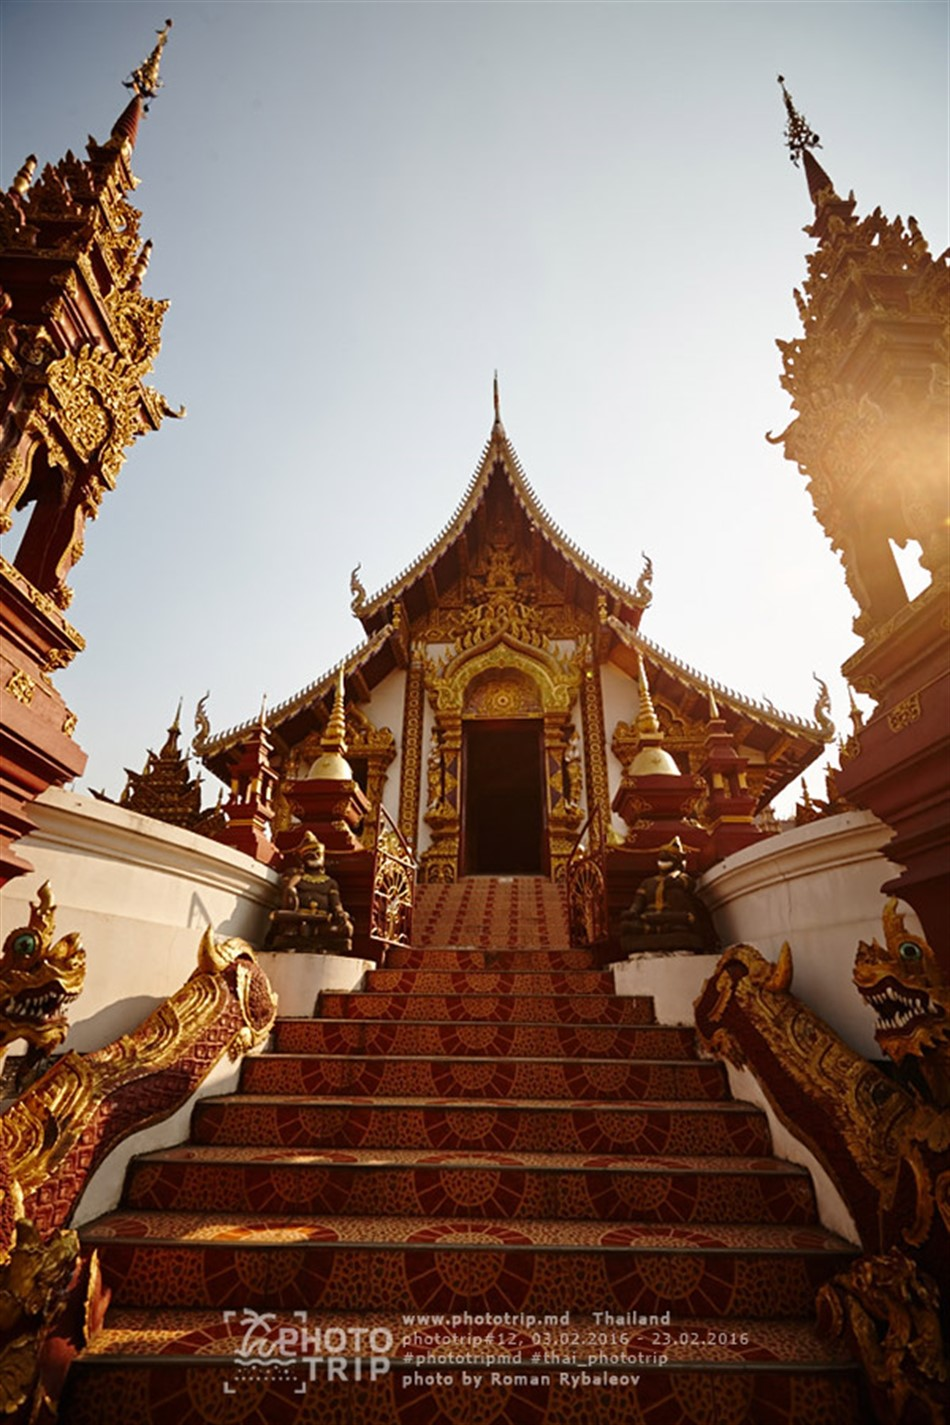 thailand2016_part3_073_950x1425